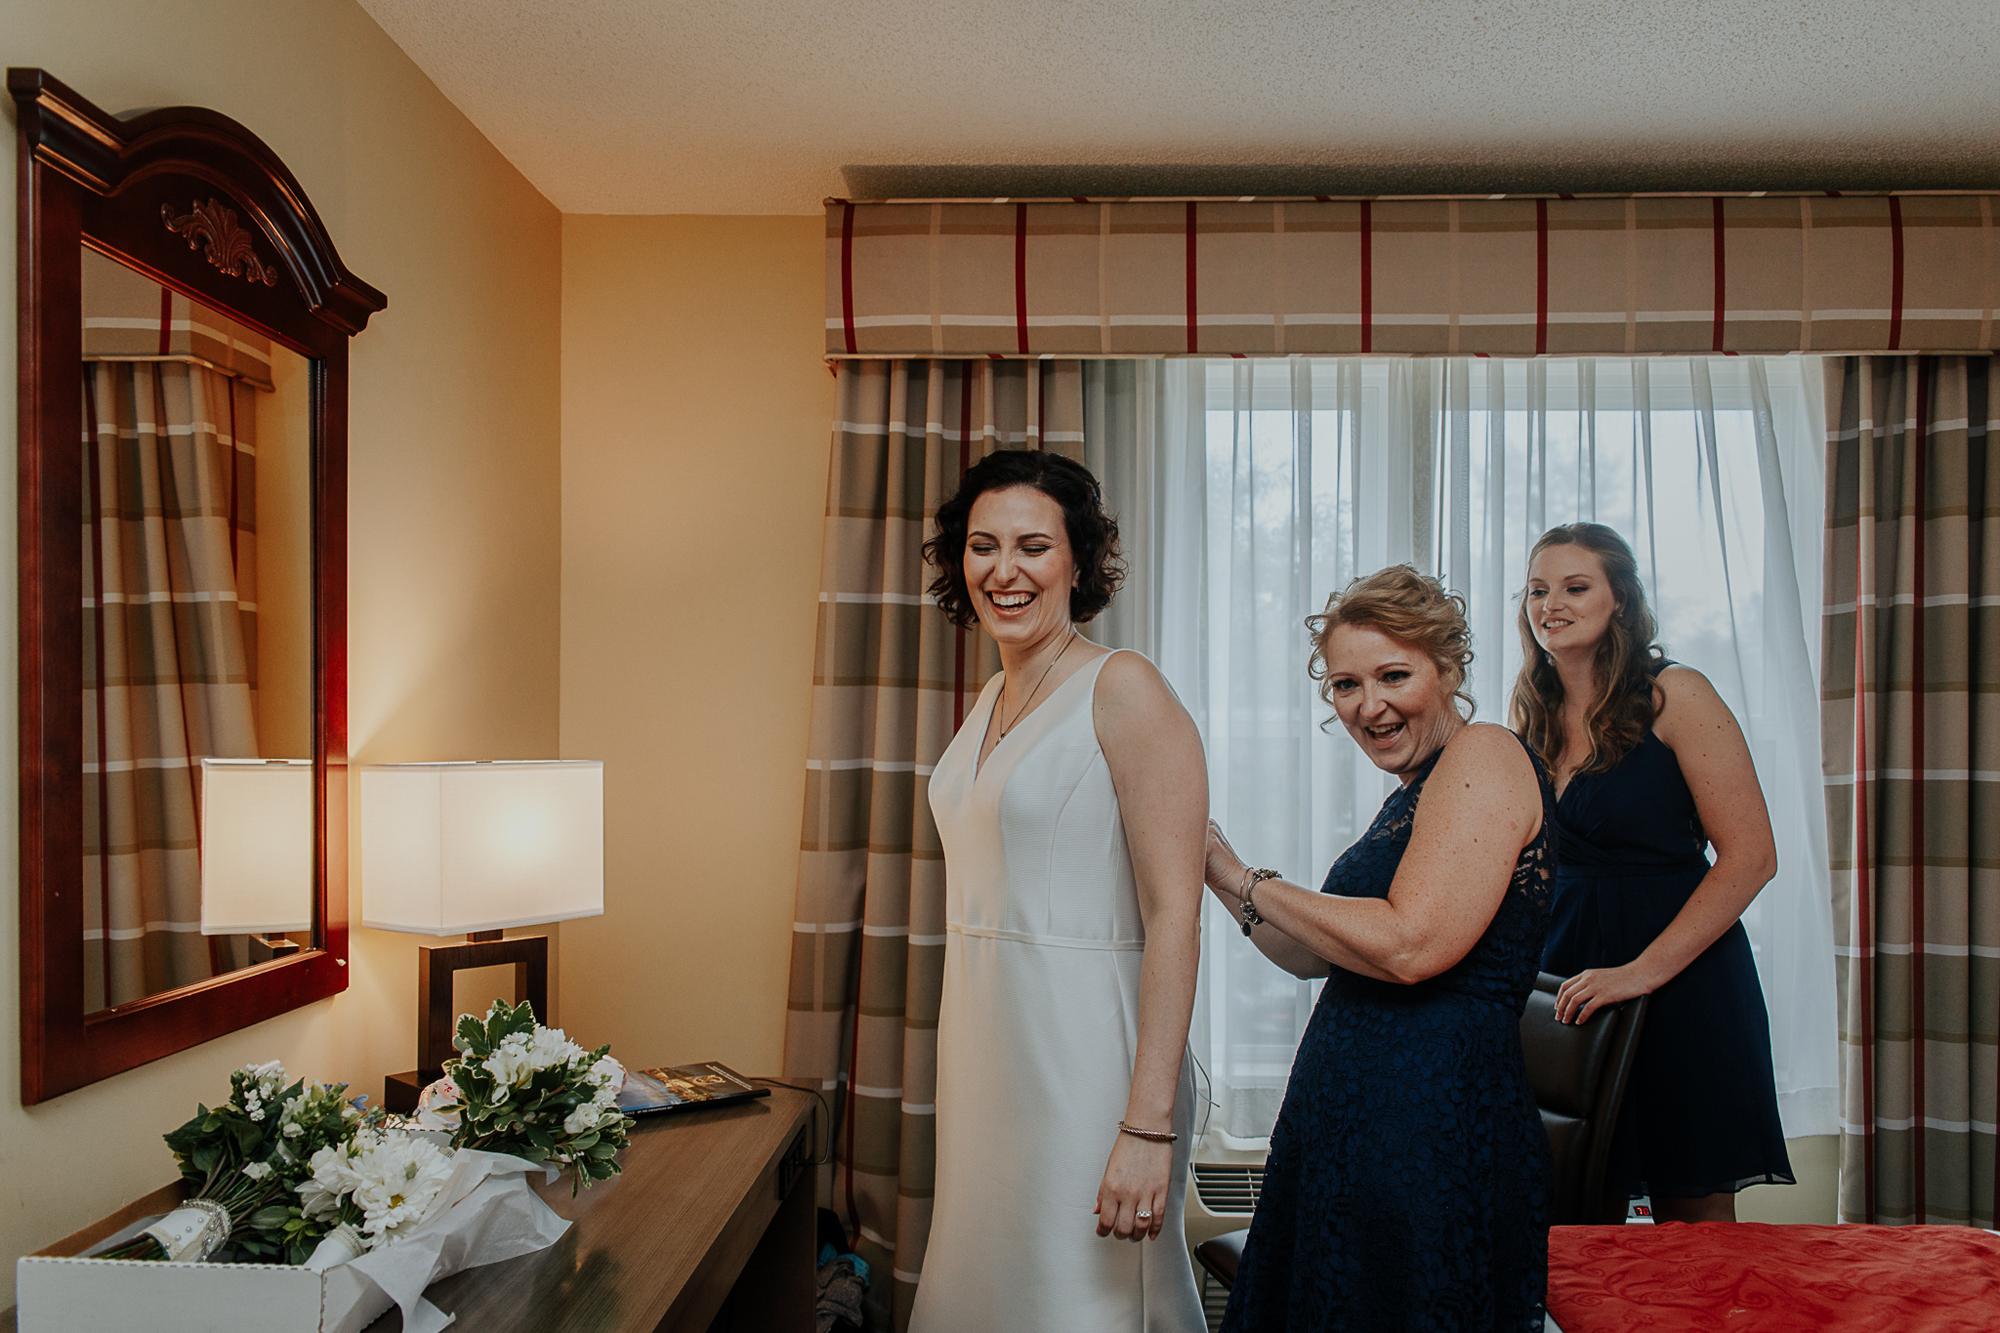 021-annapolis_courthouse_wedding.jpg